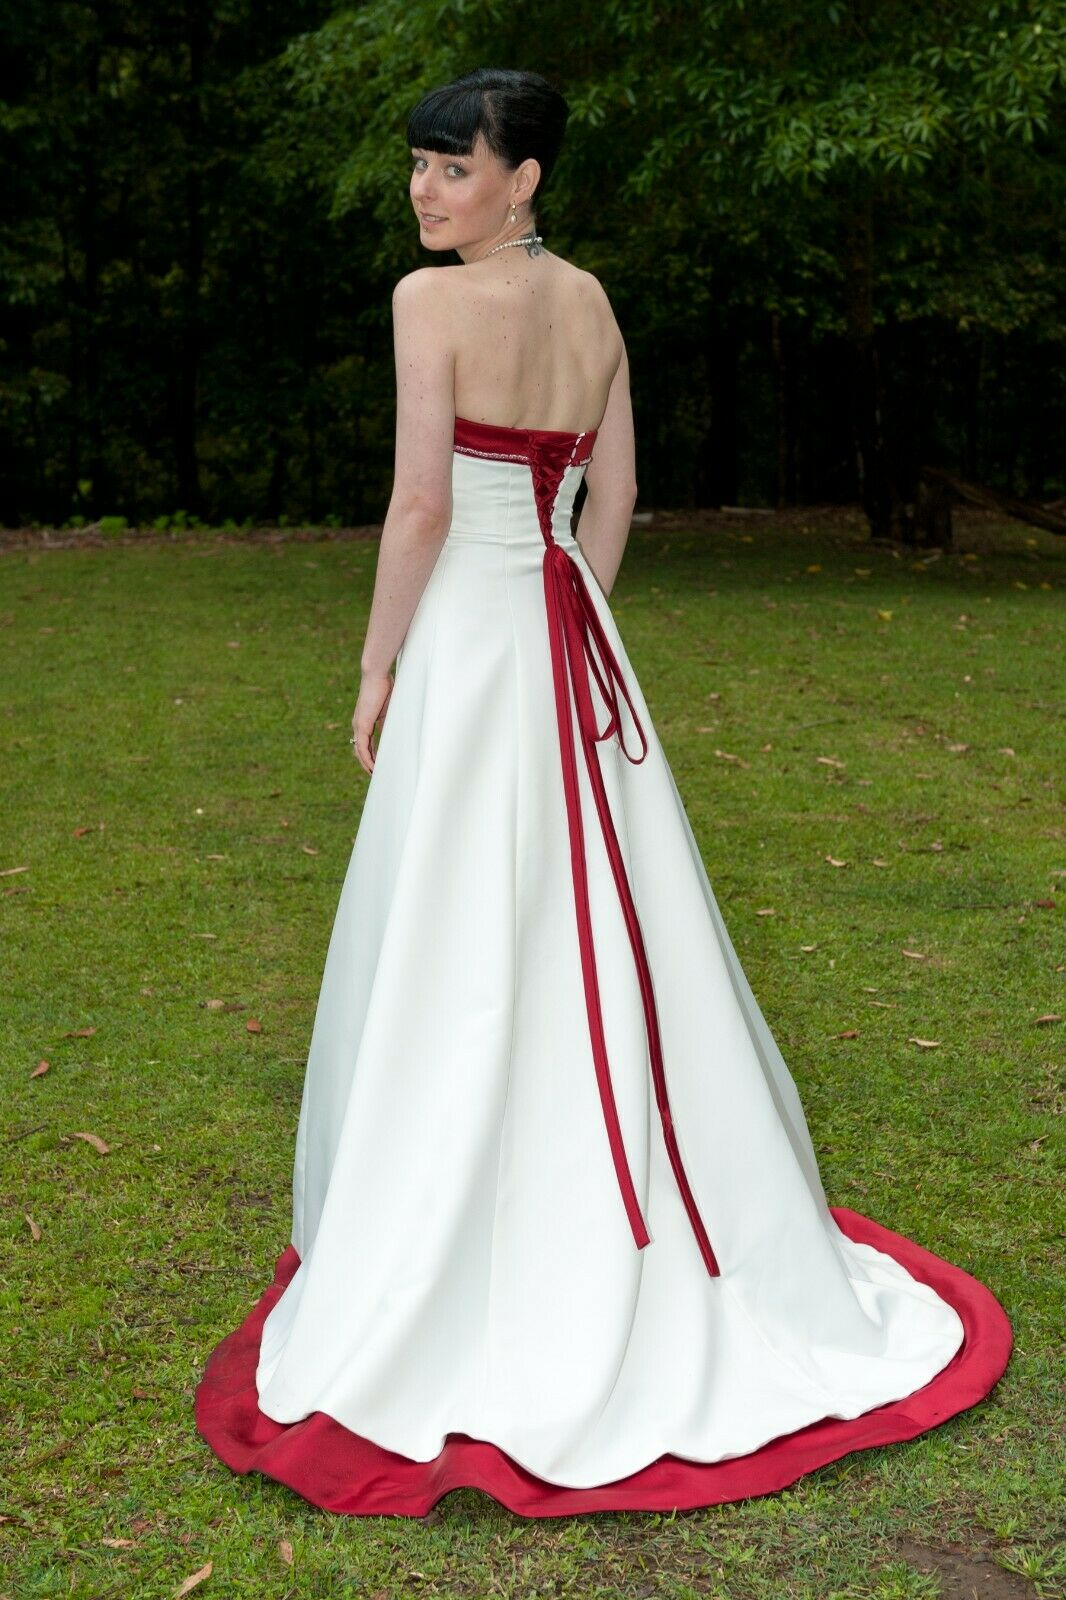 damen Formal Dress Wedding Evening Ball Gown Bridesmaid Größe 6-8